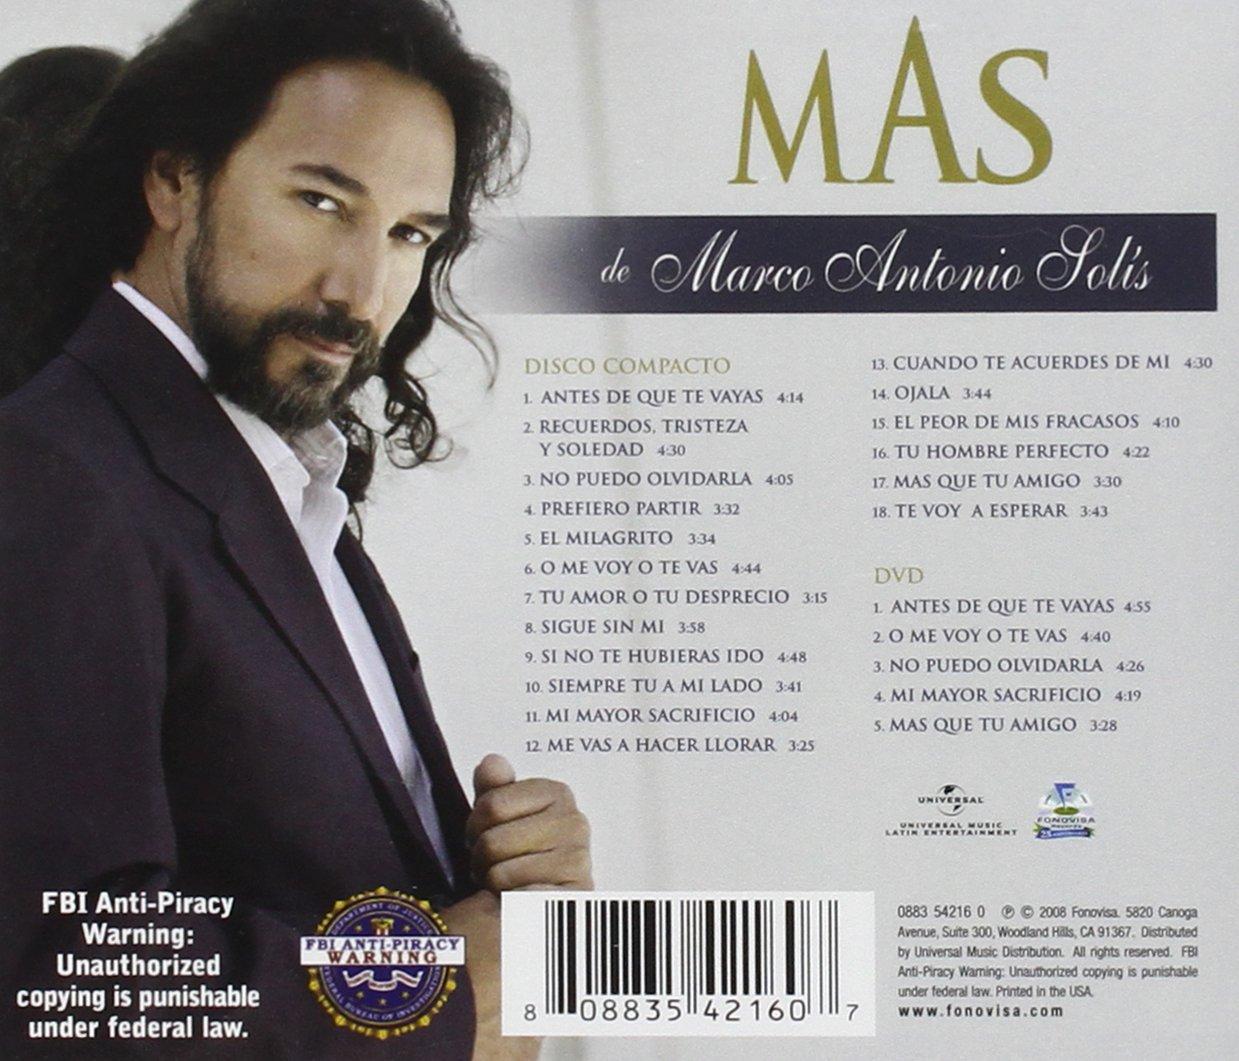 MAS de Marco Antonio Solis